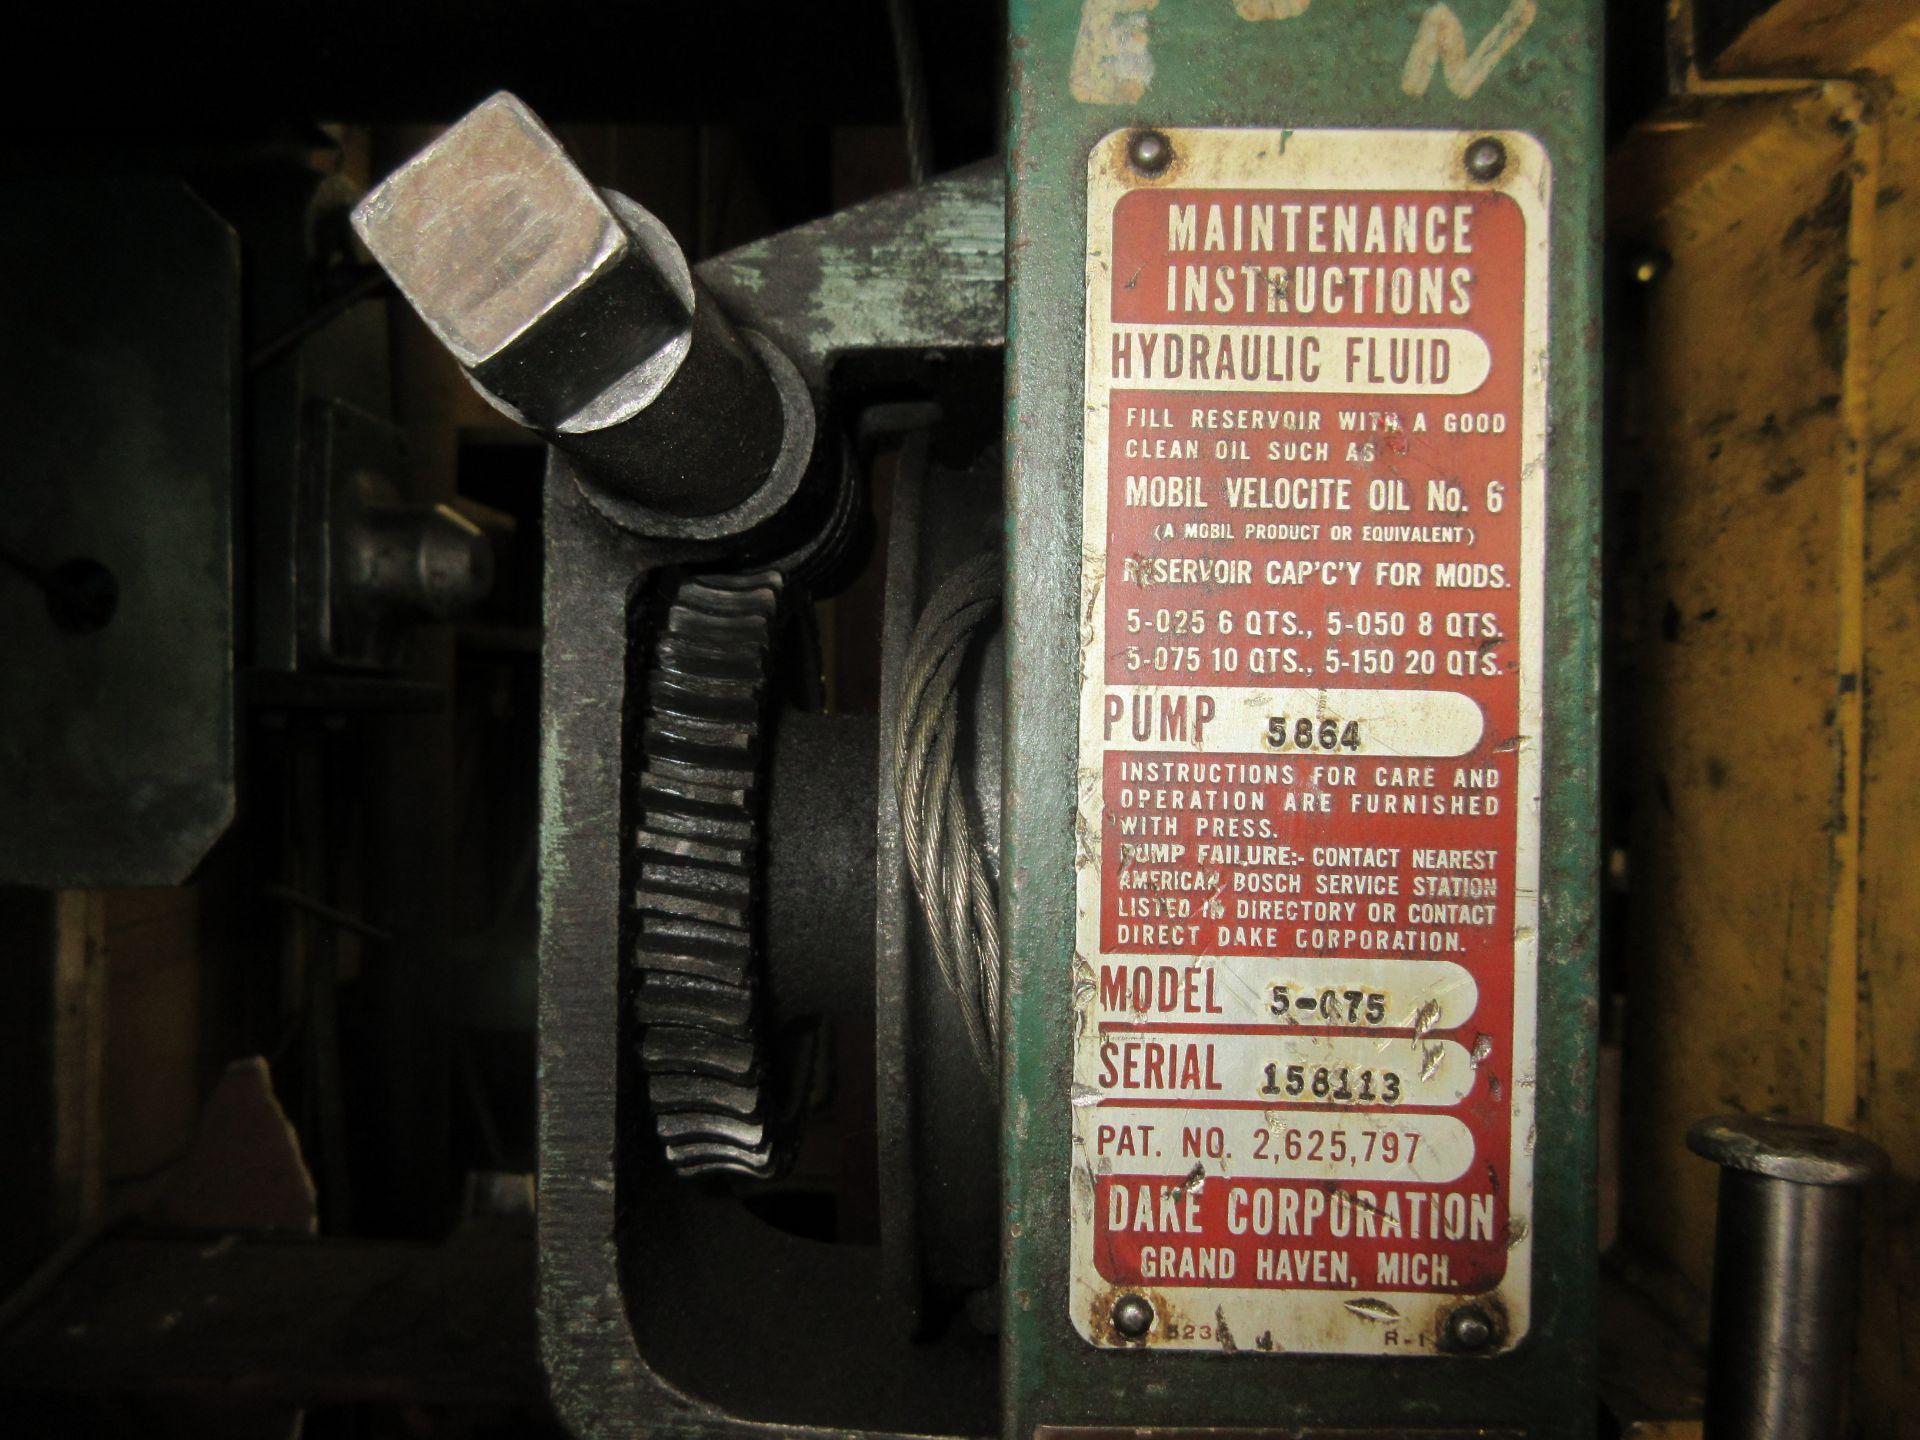 (1) Dake 5-075 H-Frame Press s/n 158113, 75 Ton - Image 2 of 3